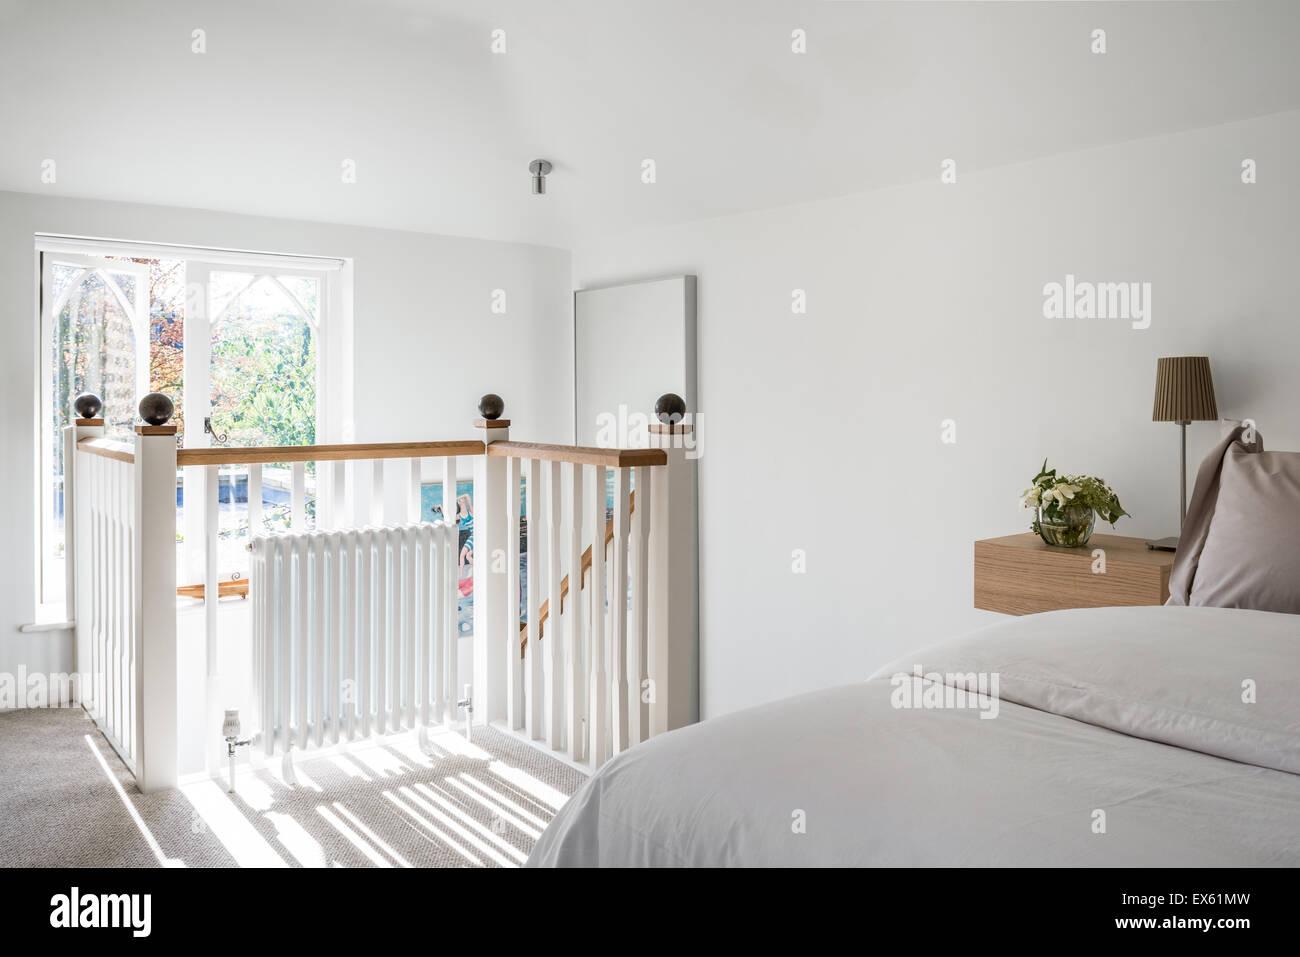 Camere Bianche Ikea : In stile loft camera da letto bianca con semplici lampade da ikea